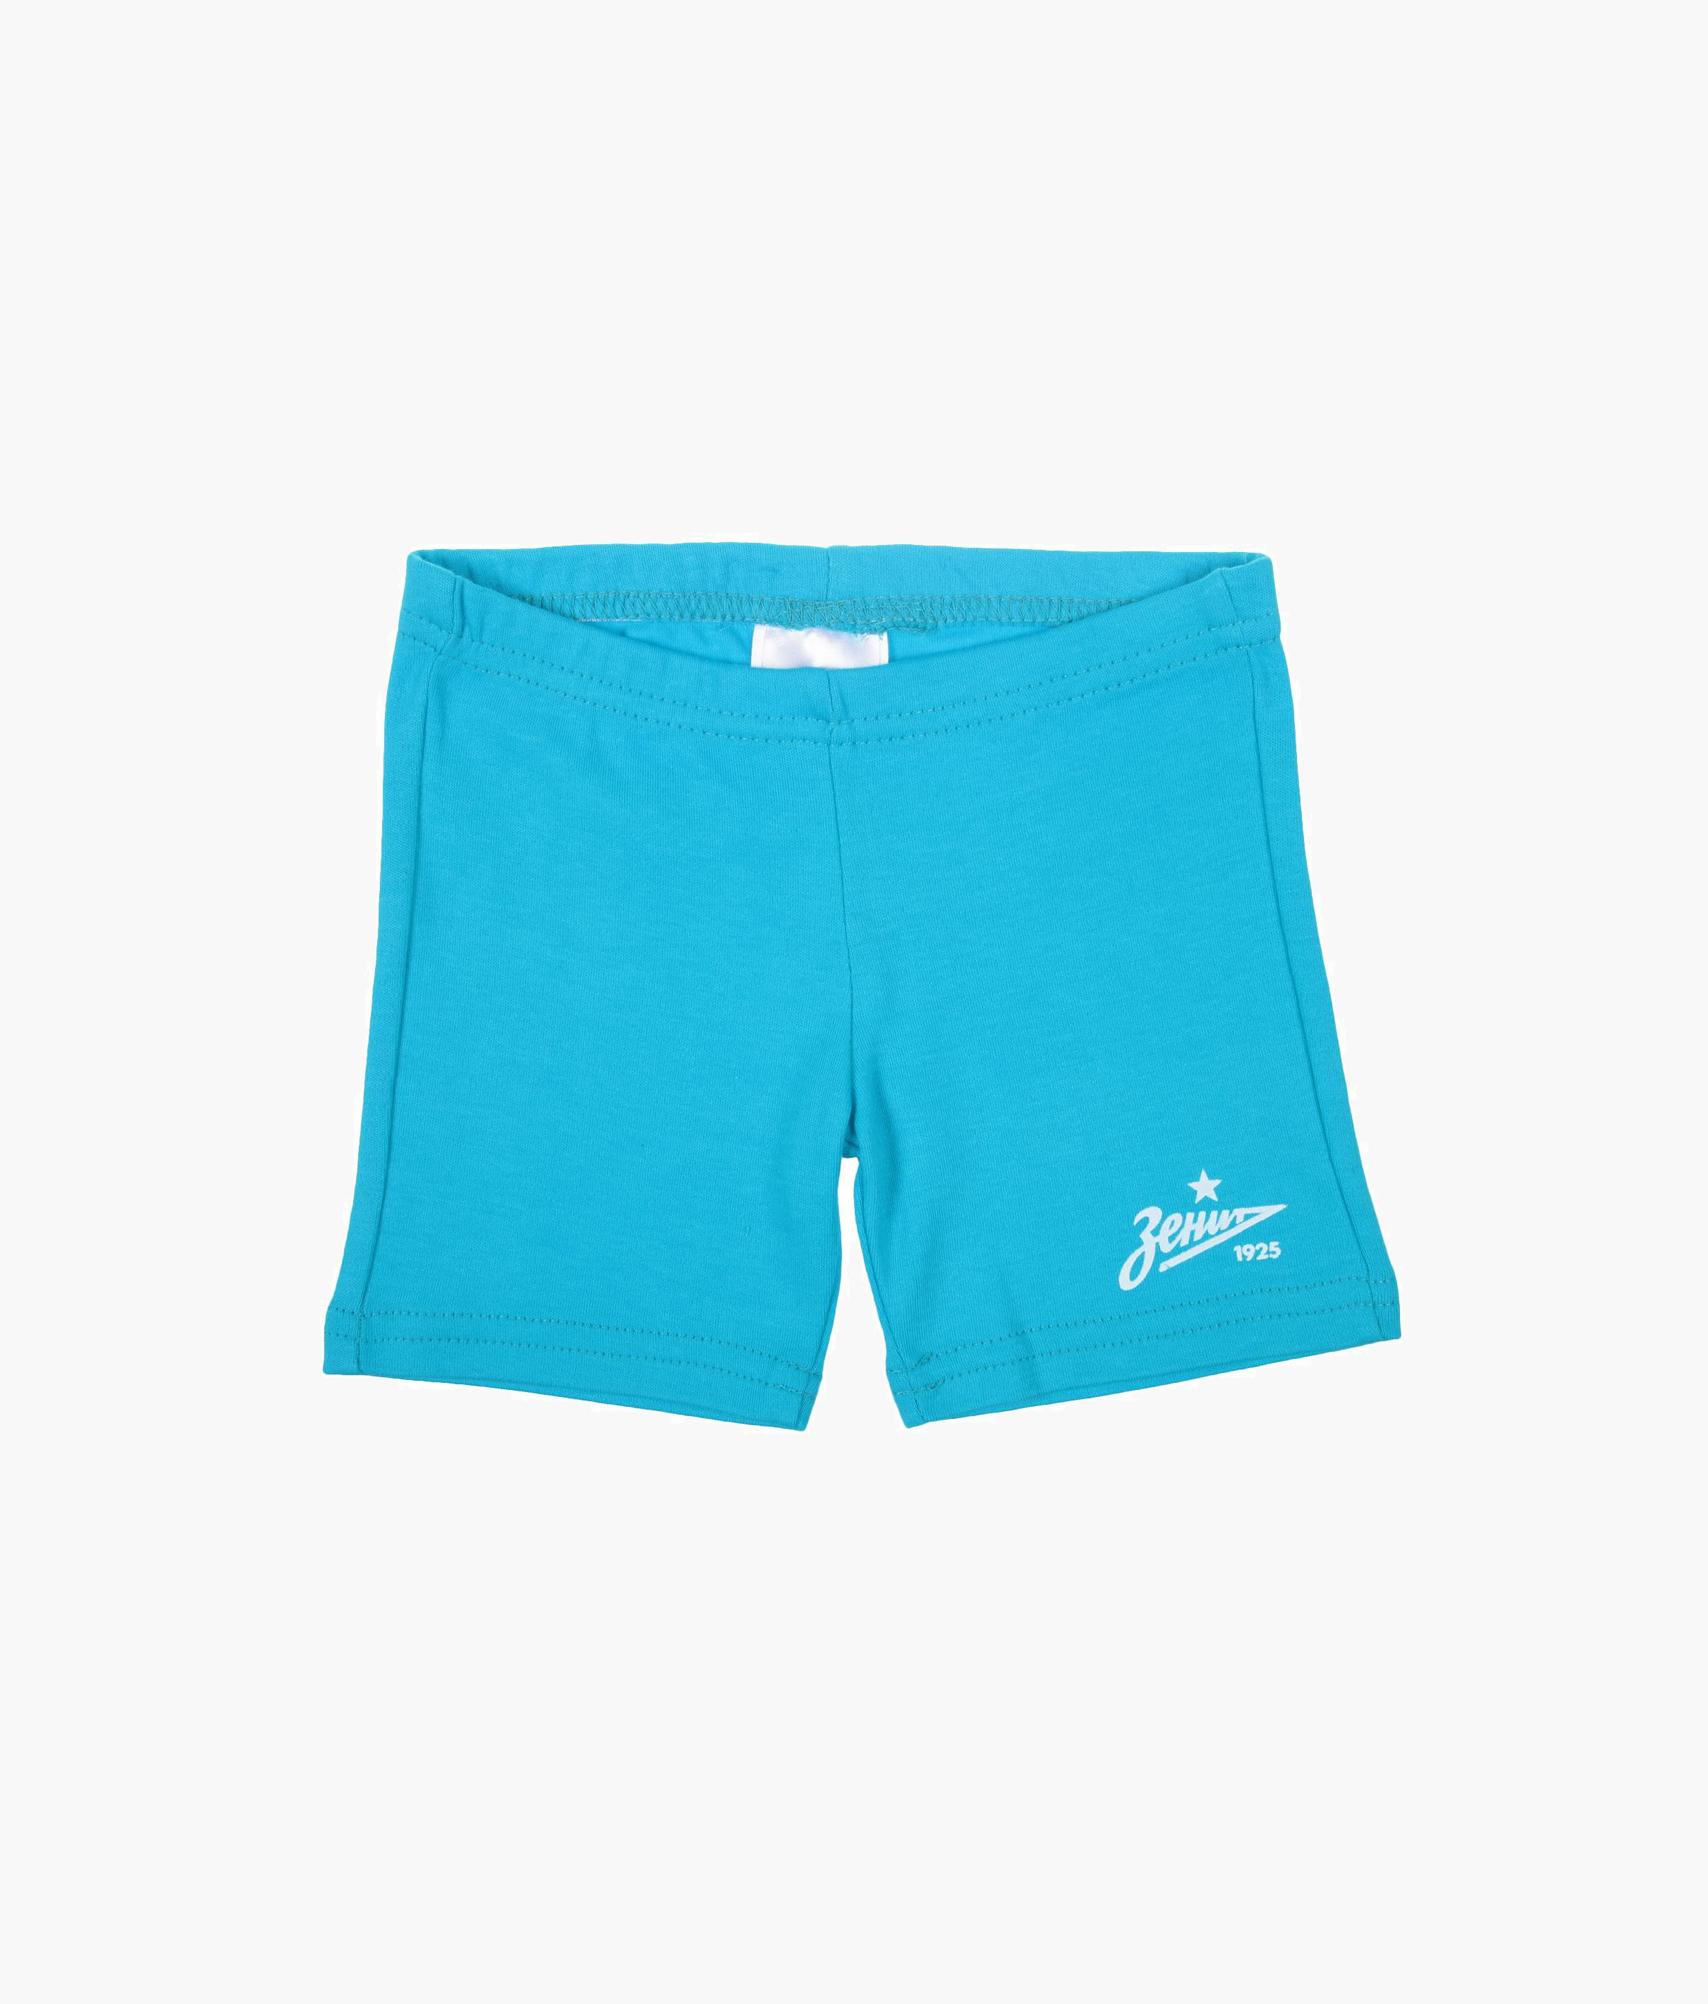 Шорты детские Зенит Цвет-Лазурный шорты детские зенит цвет синий